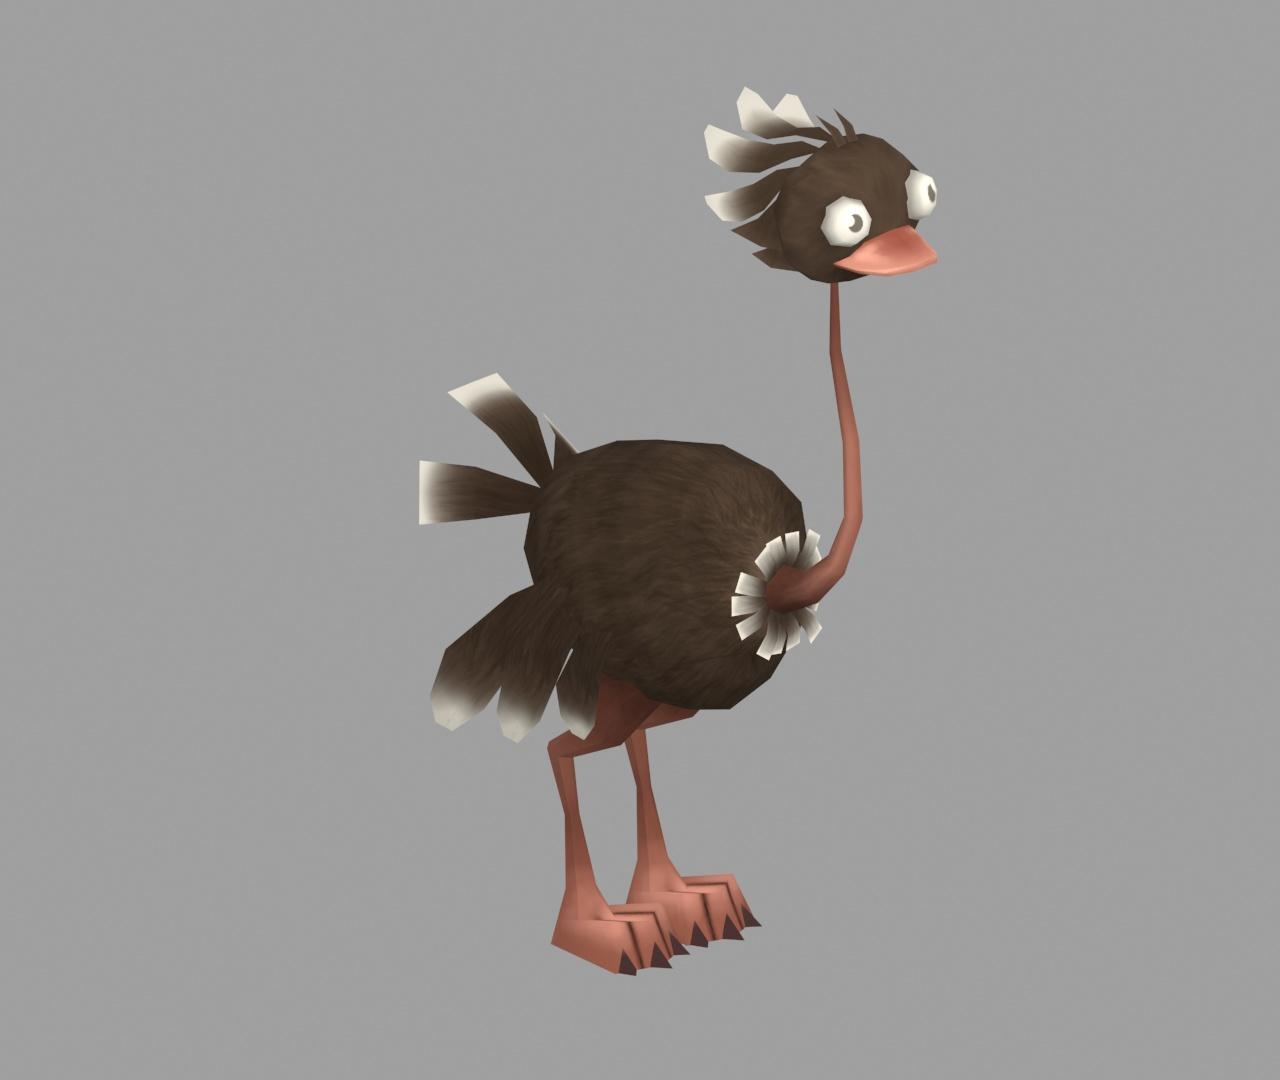 NPC_Ostrich | Скриншотный субботник. 2019, Февраль, 4 неделя